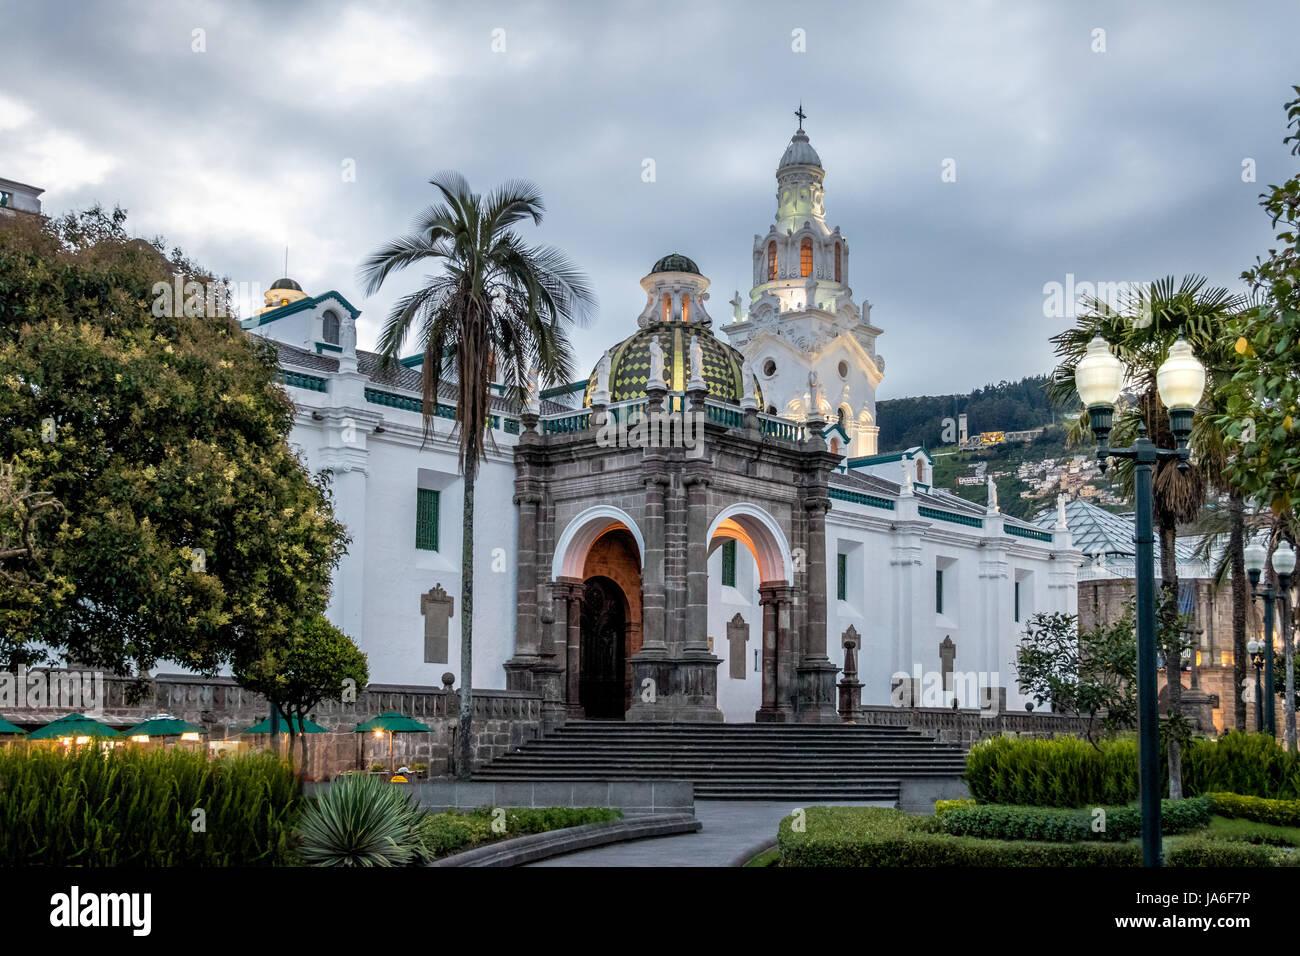 Plaza Grande et Cathédrale Métropolitaine - Quito, Équateur Photo Stock